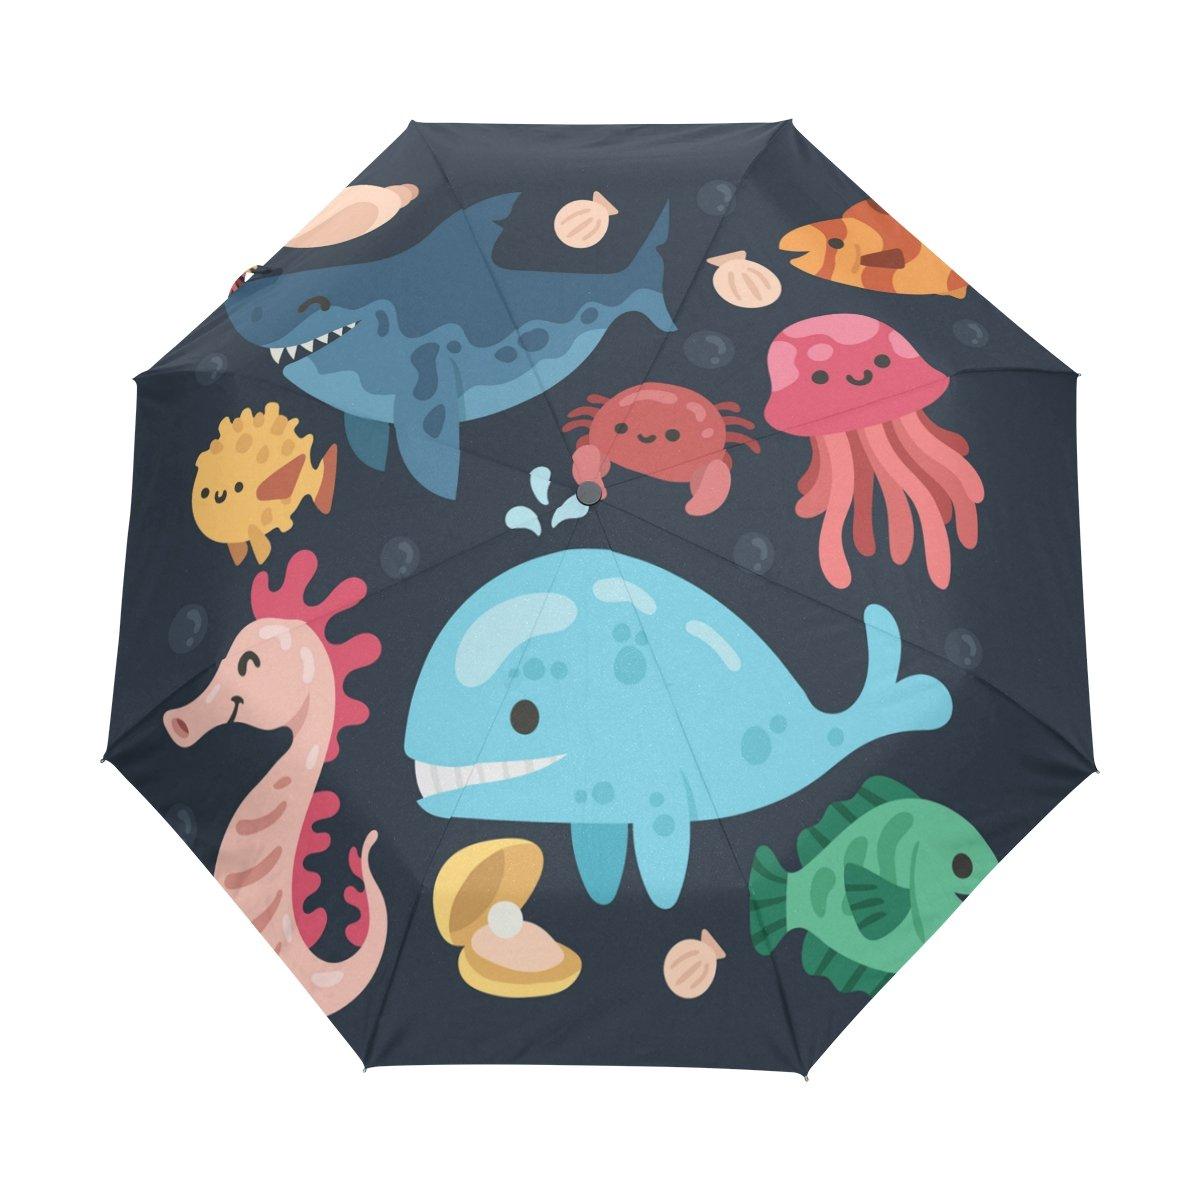 Senya Saobao防風と防雨トラベル傘でクール自動開いて閉じFoldingパックスマイリー海の動物のポータブル折りたたみ式太陽雨傘 B07FPFK5L8